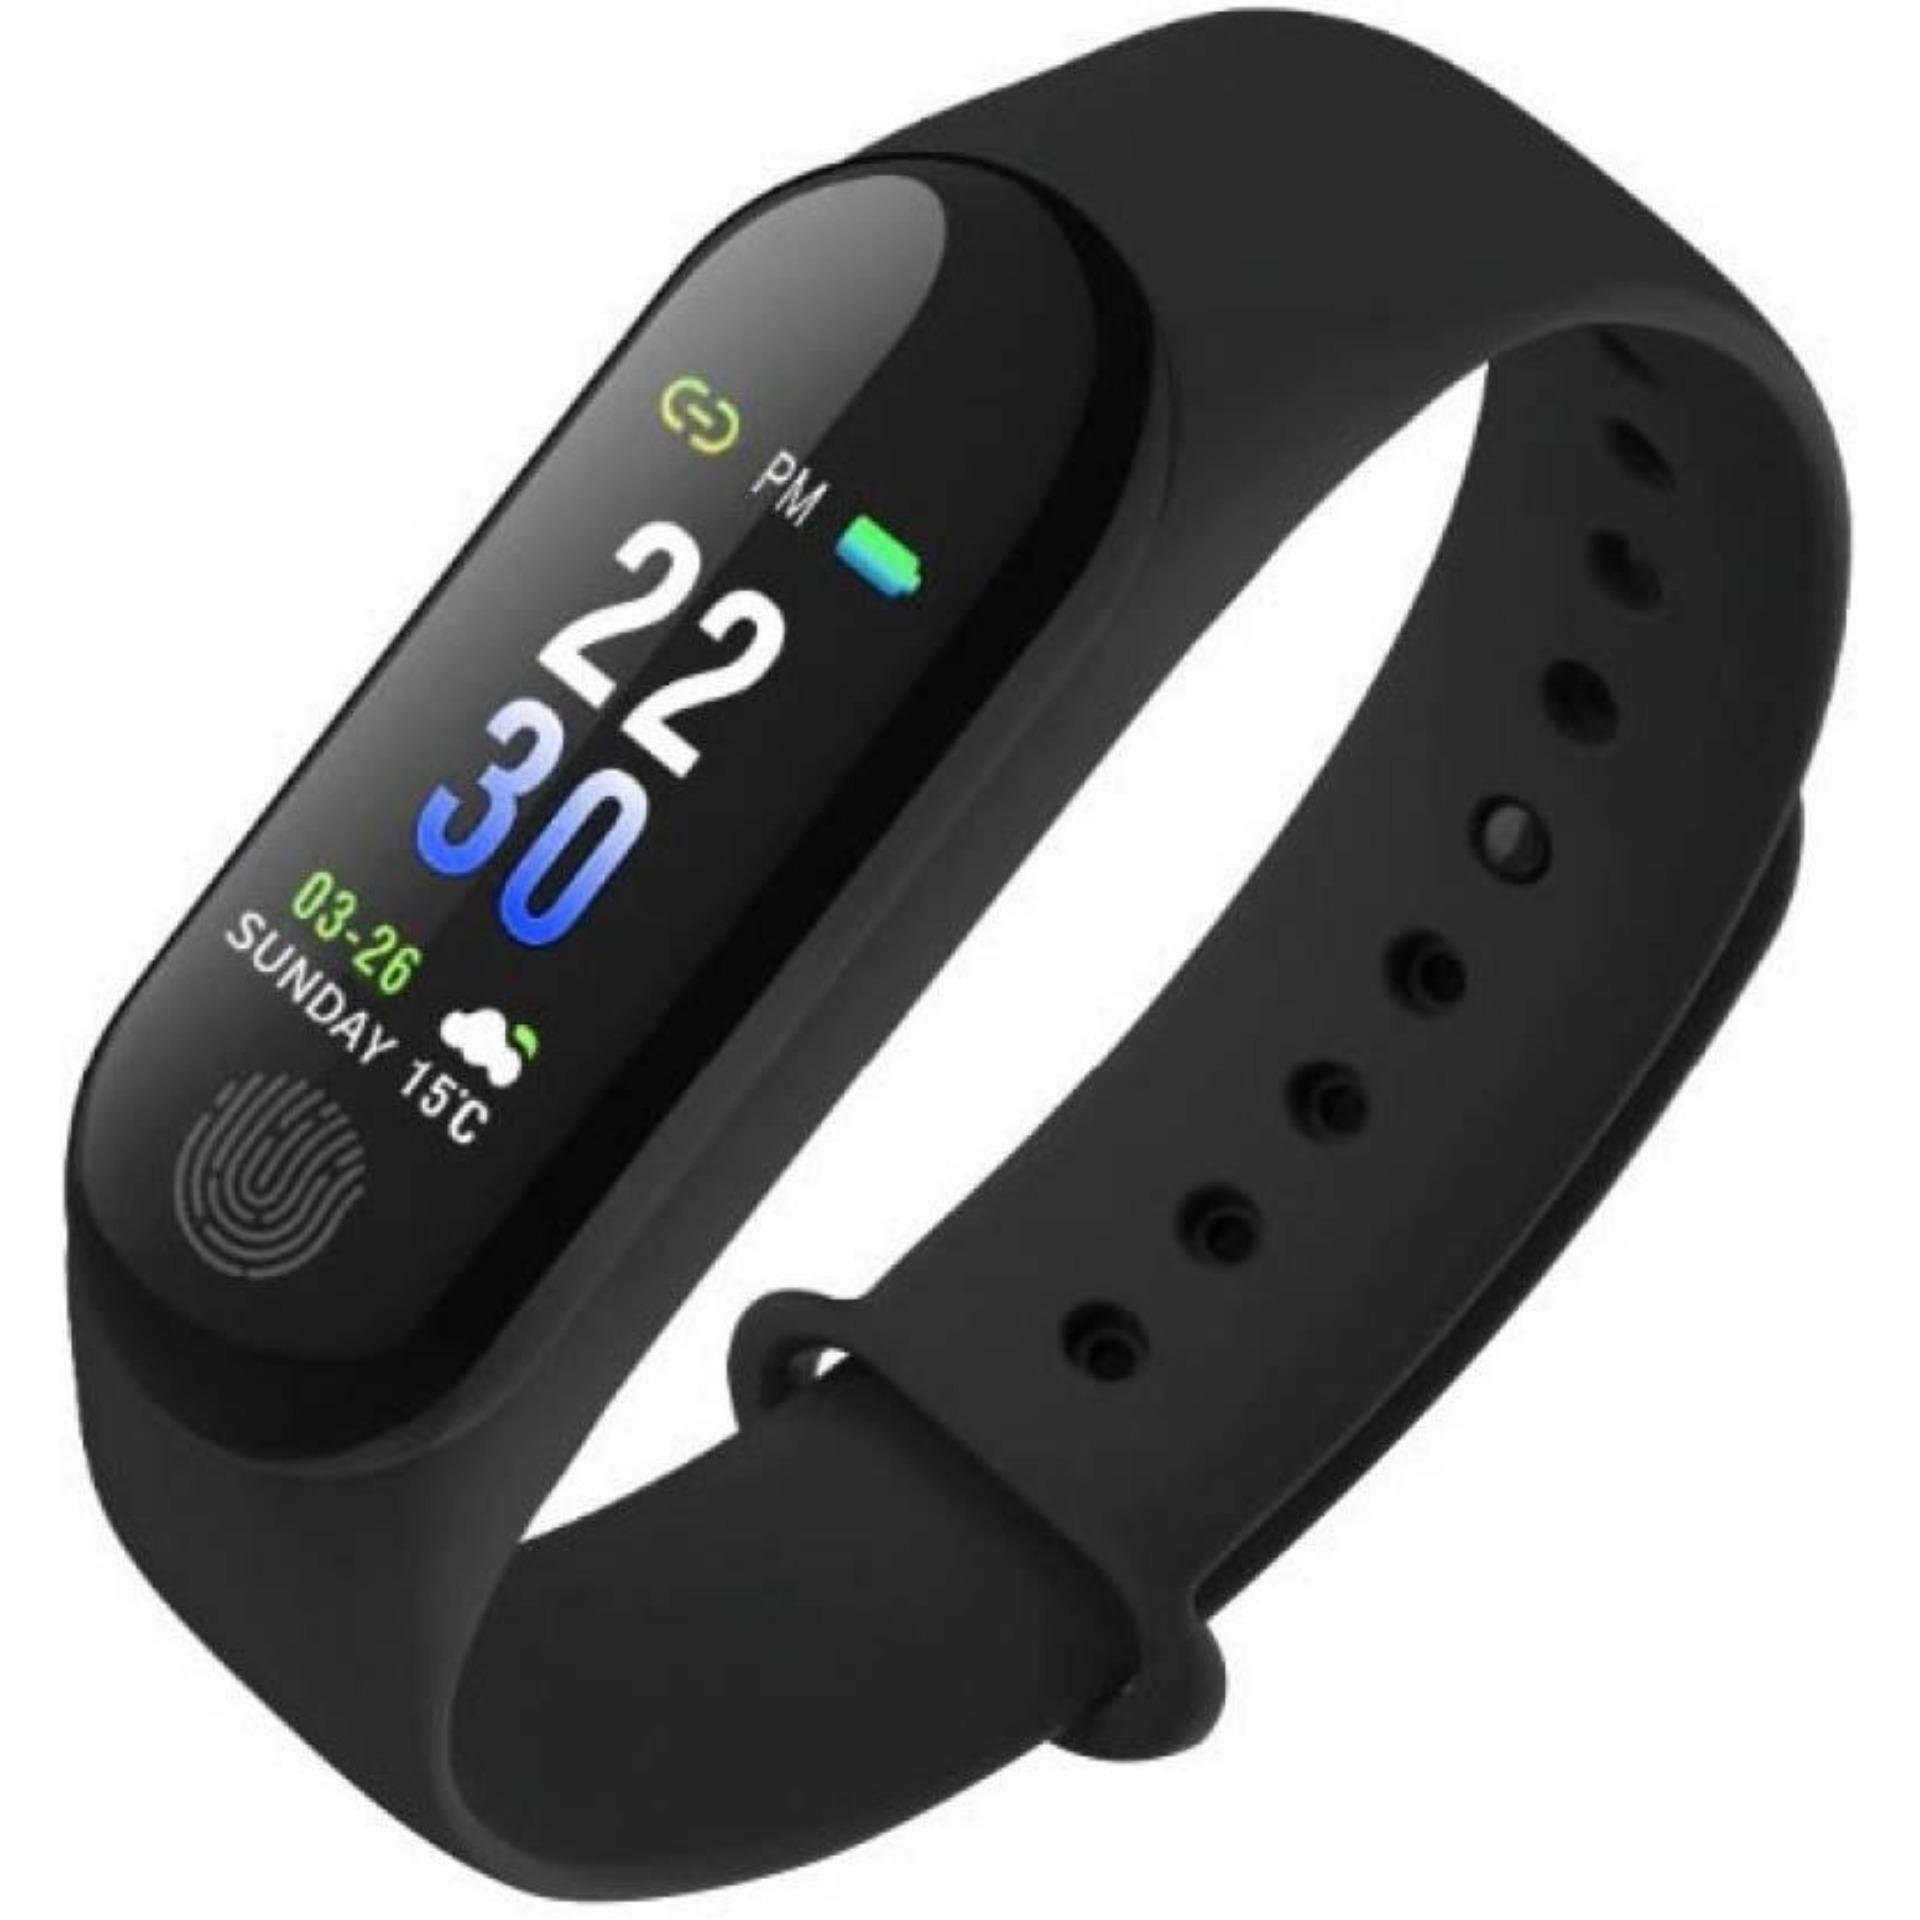 M3 Smart Fitness Band, Fitness Band, Wrist Watch, Smart Band, Smart Watch, Fitness Watch, Watch